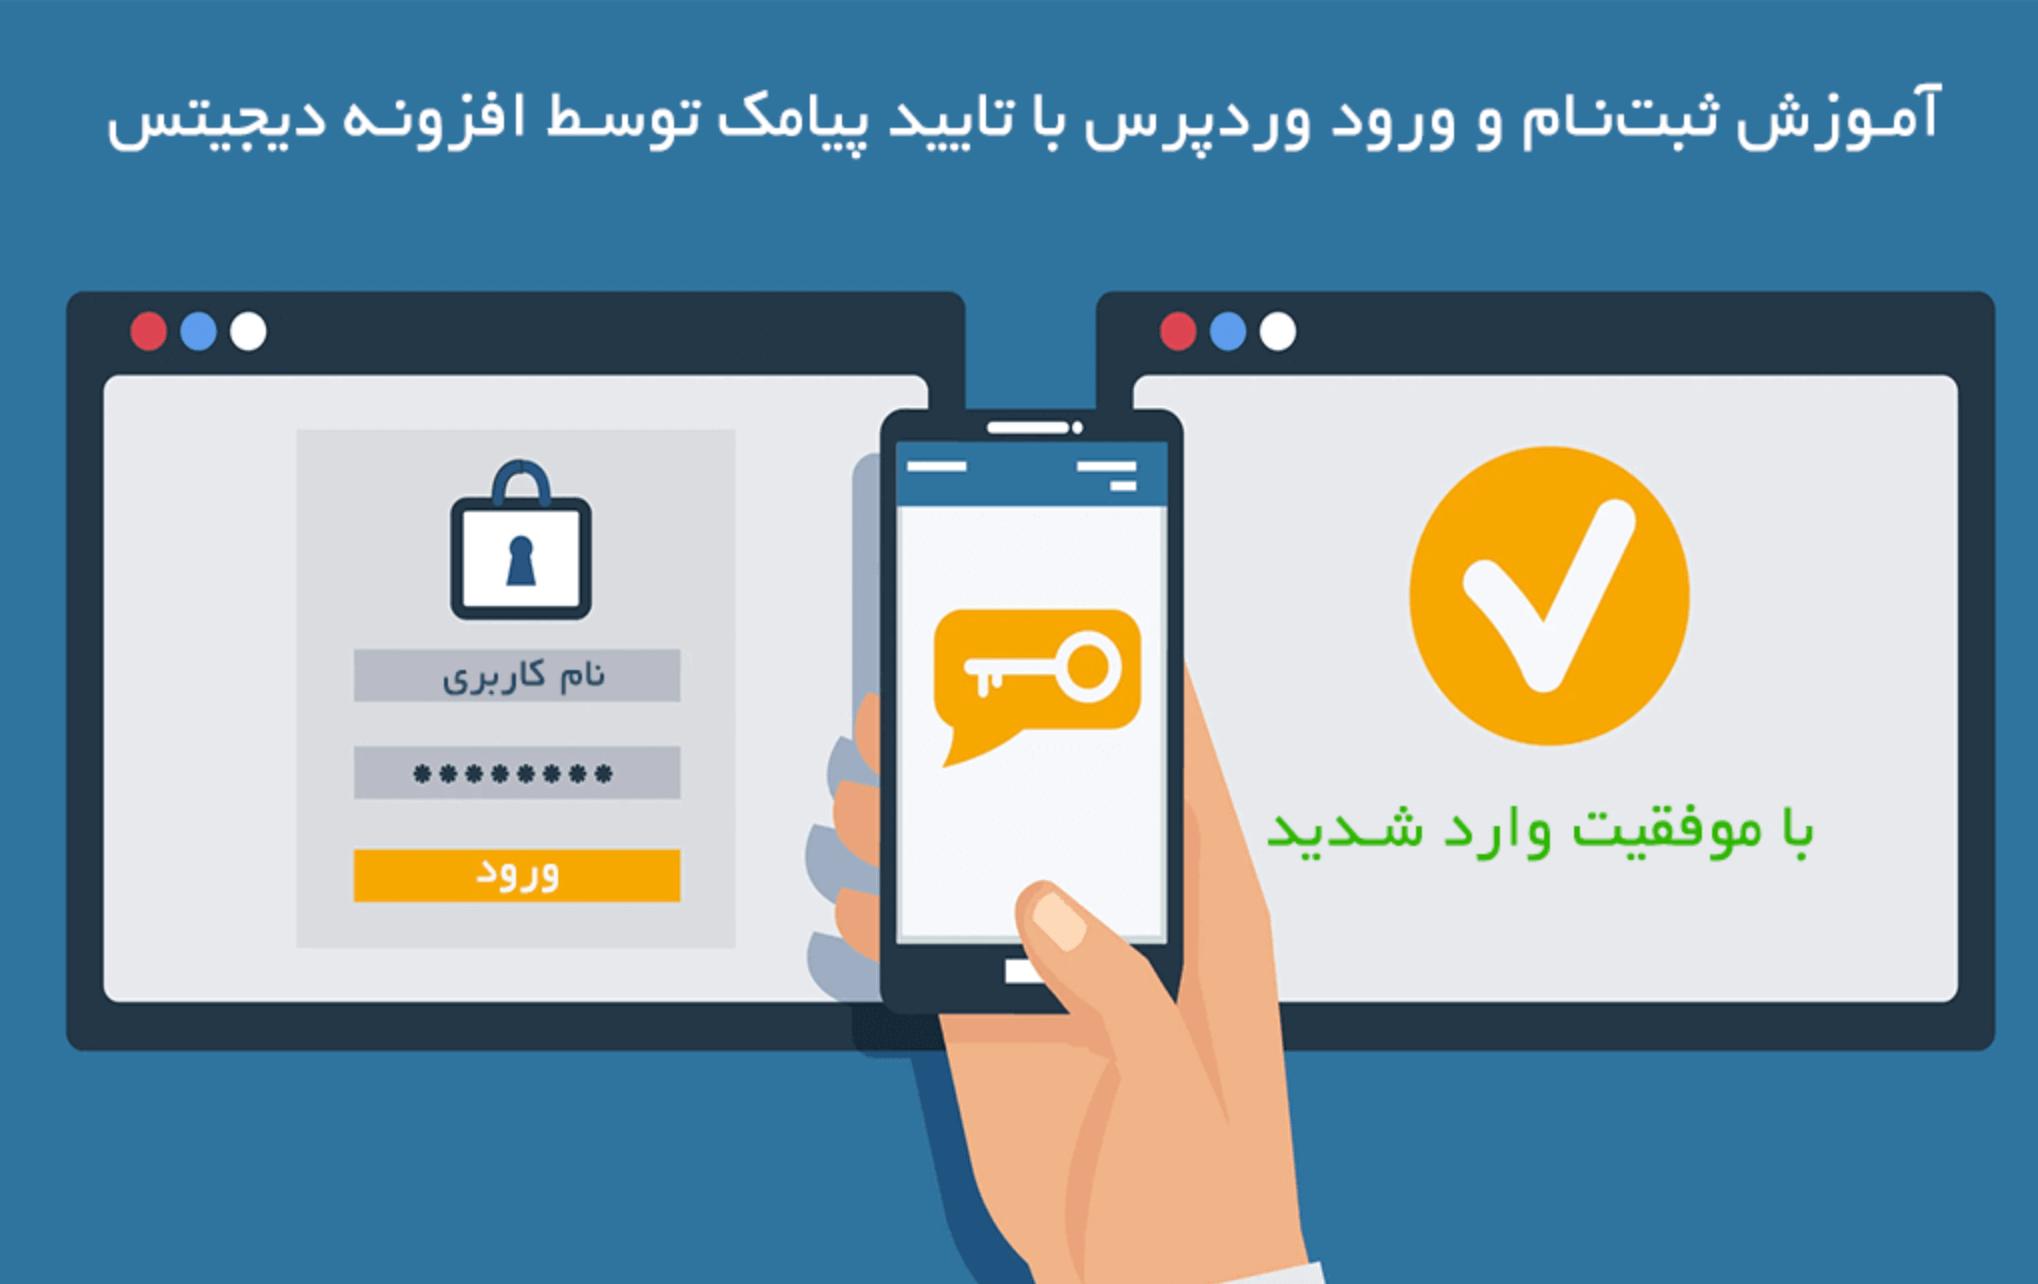 چگونه بدون رمز و ایمیل با شماره موبایل کاربر وارد سایت شود.